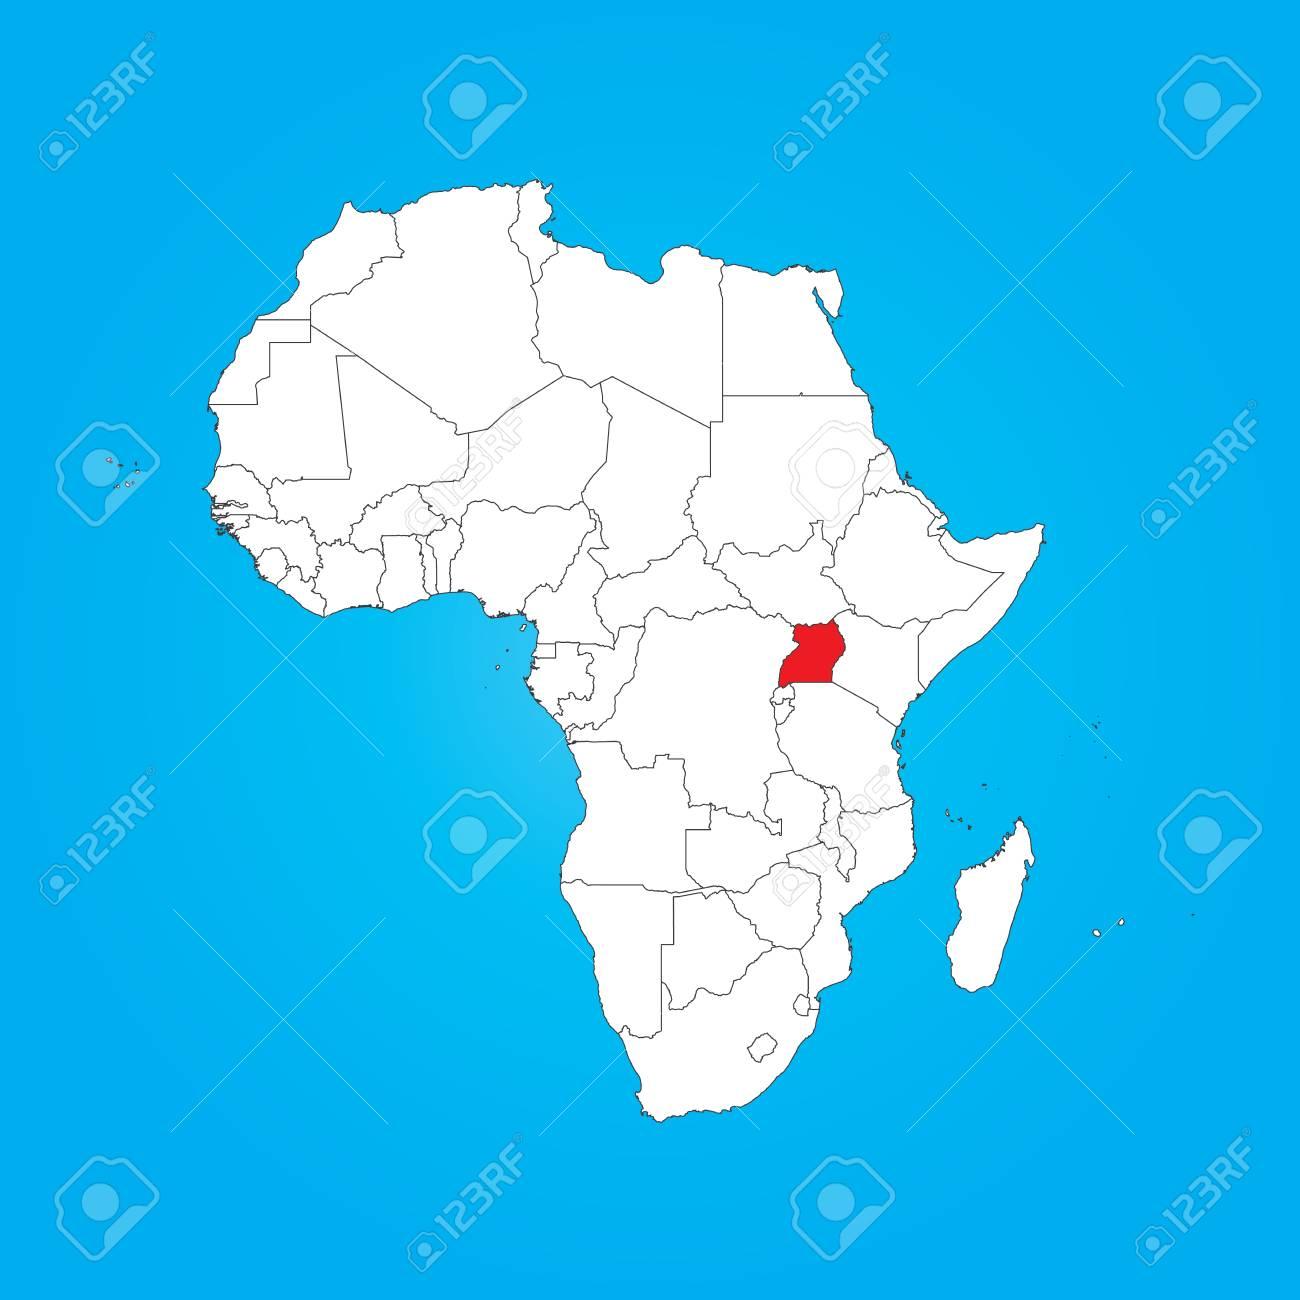 Carte Afrique Ouganda.Une Carte De L Afrique Avec Un Pays Selectionnes De L Ouganda